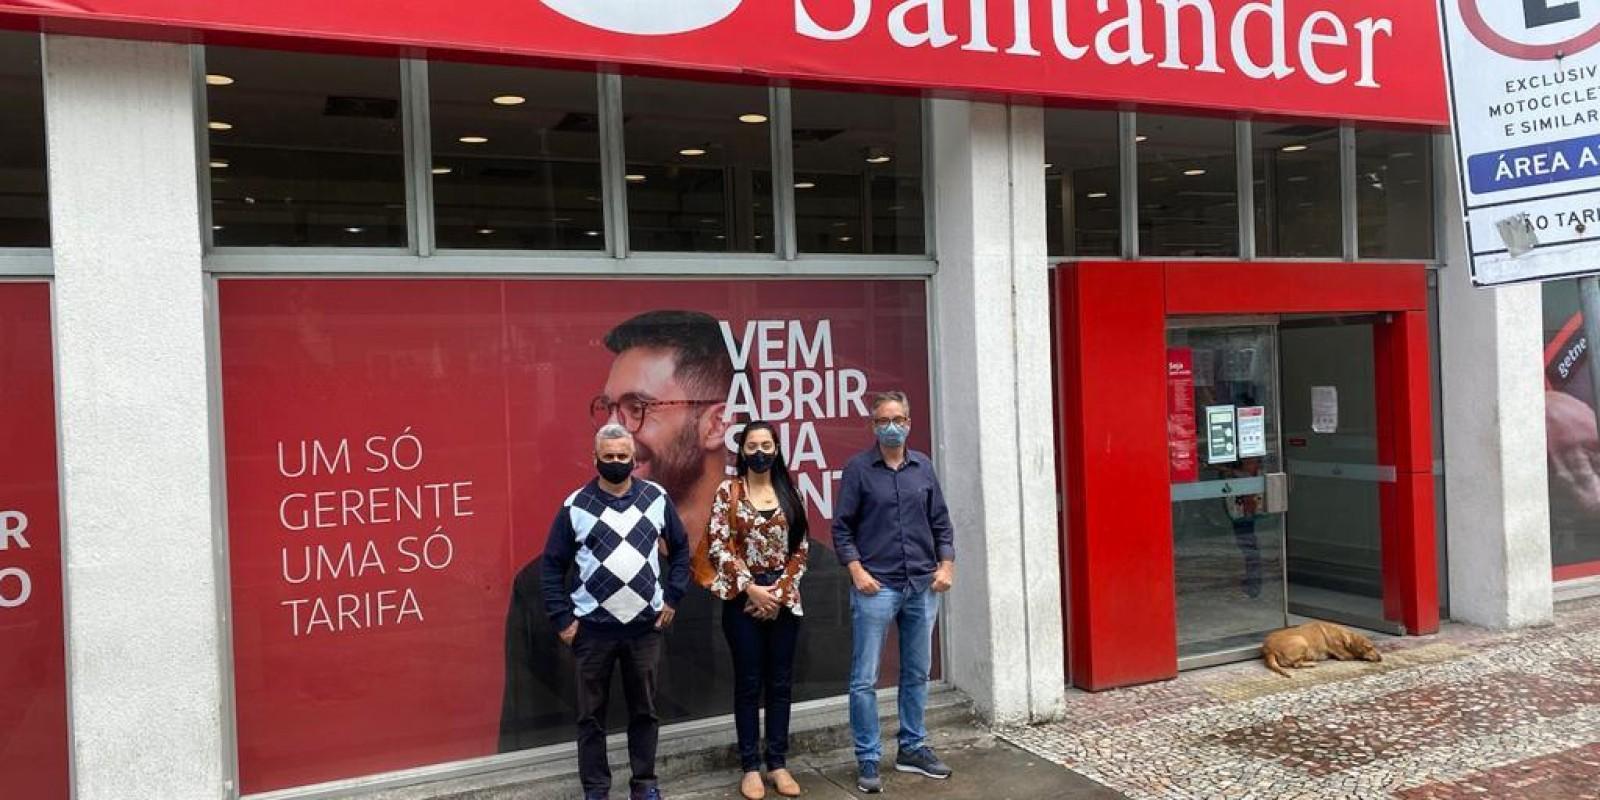 Santander, respeite o Brasil, suas leis e seu povo!